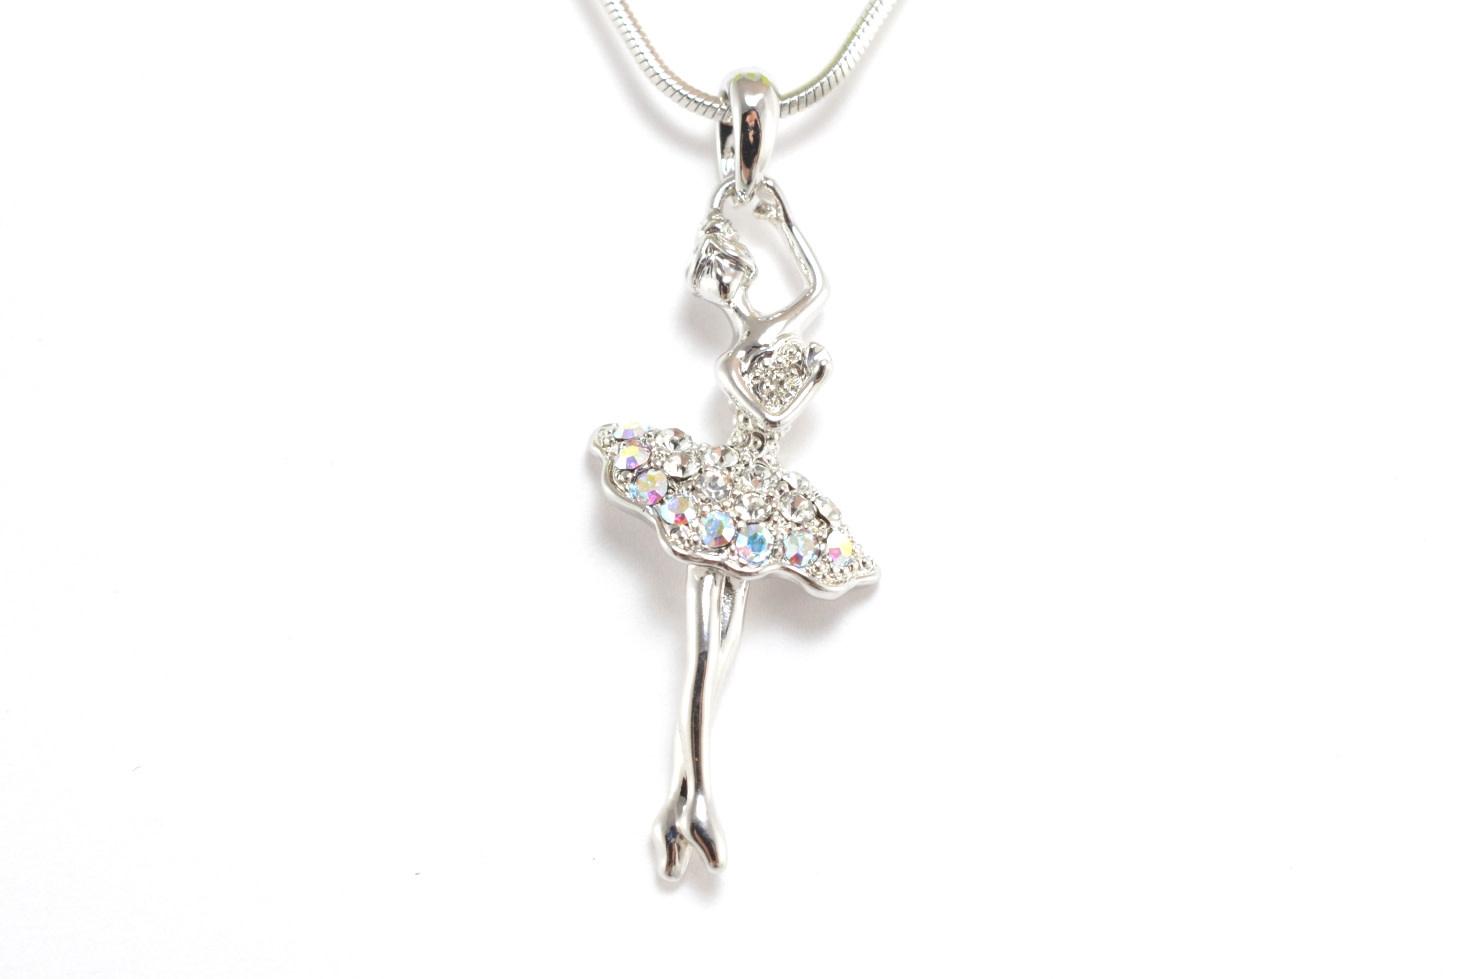 Ballerina Necklace, Yunie N050325E